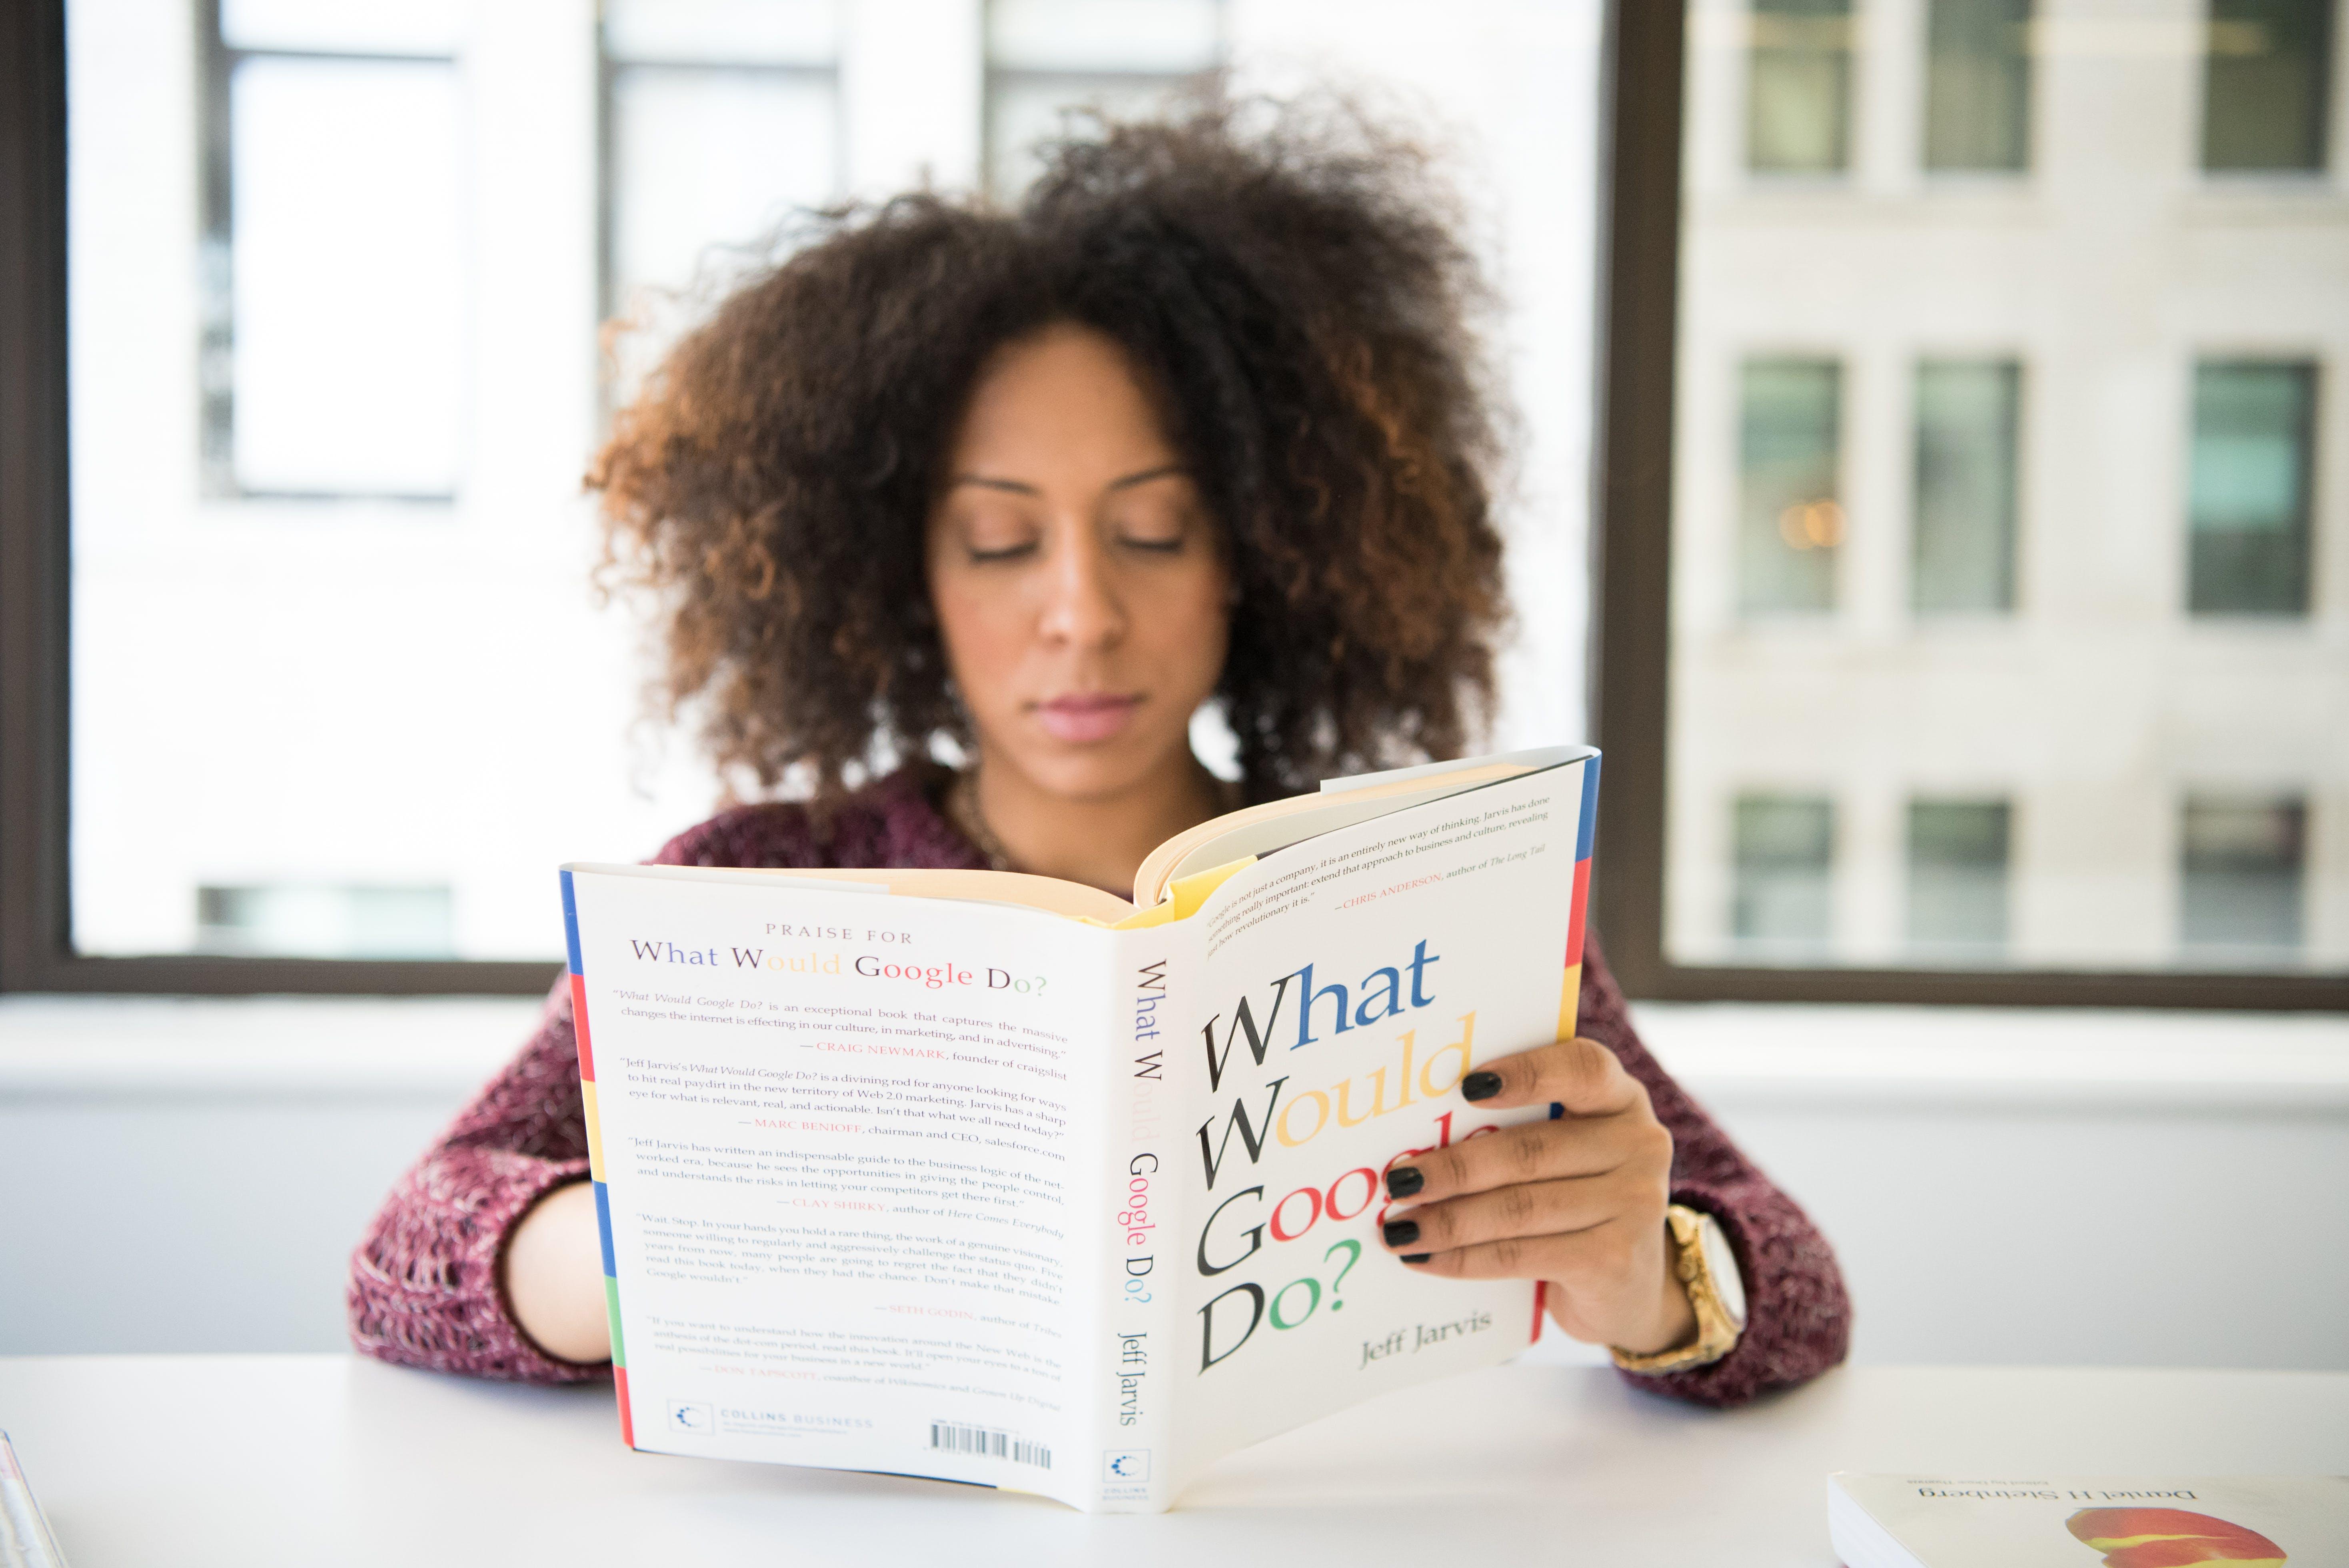 Δωρεάν στοκ φωτογραφιών με ανάγνωση, άνθρωπος, αφροαμερικάνα γυναίκα, γυναίκα